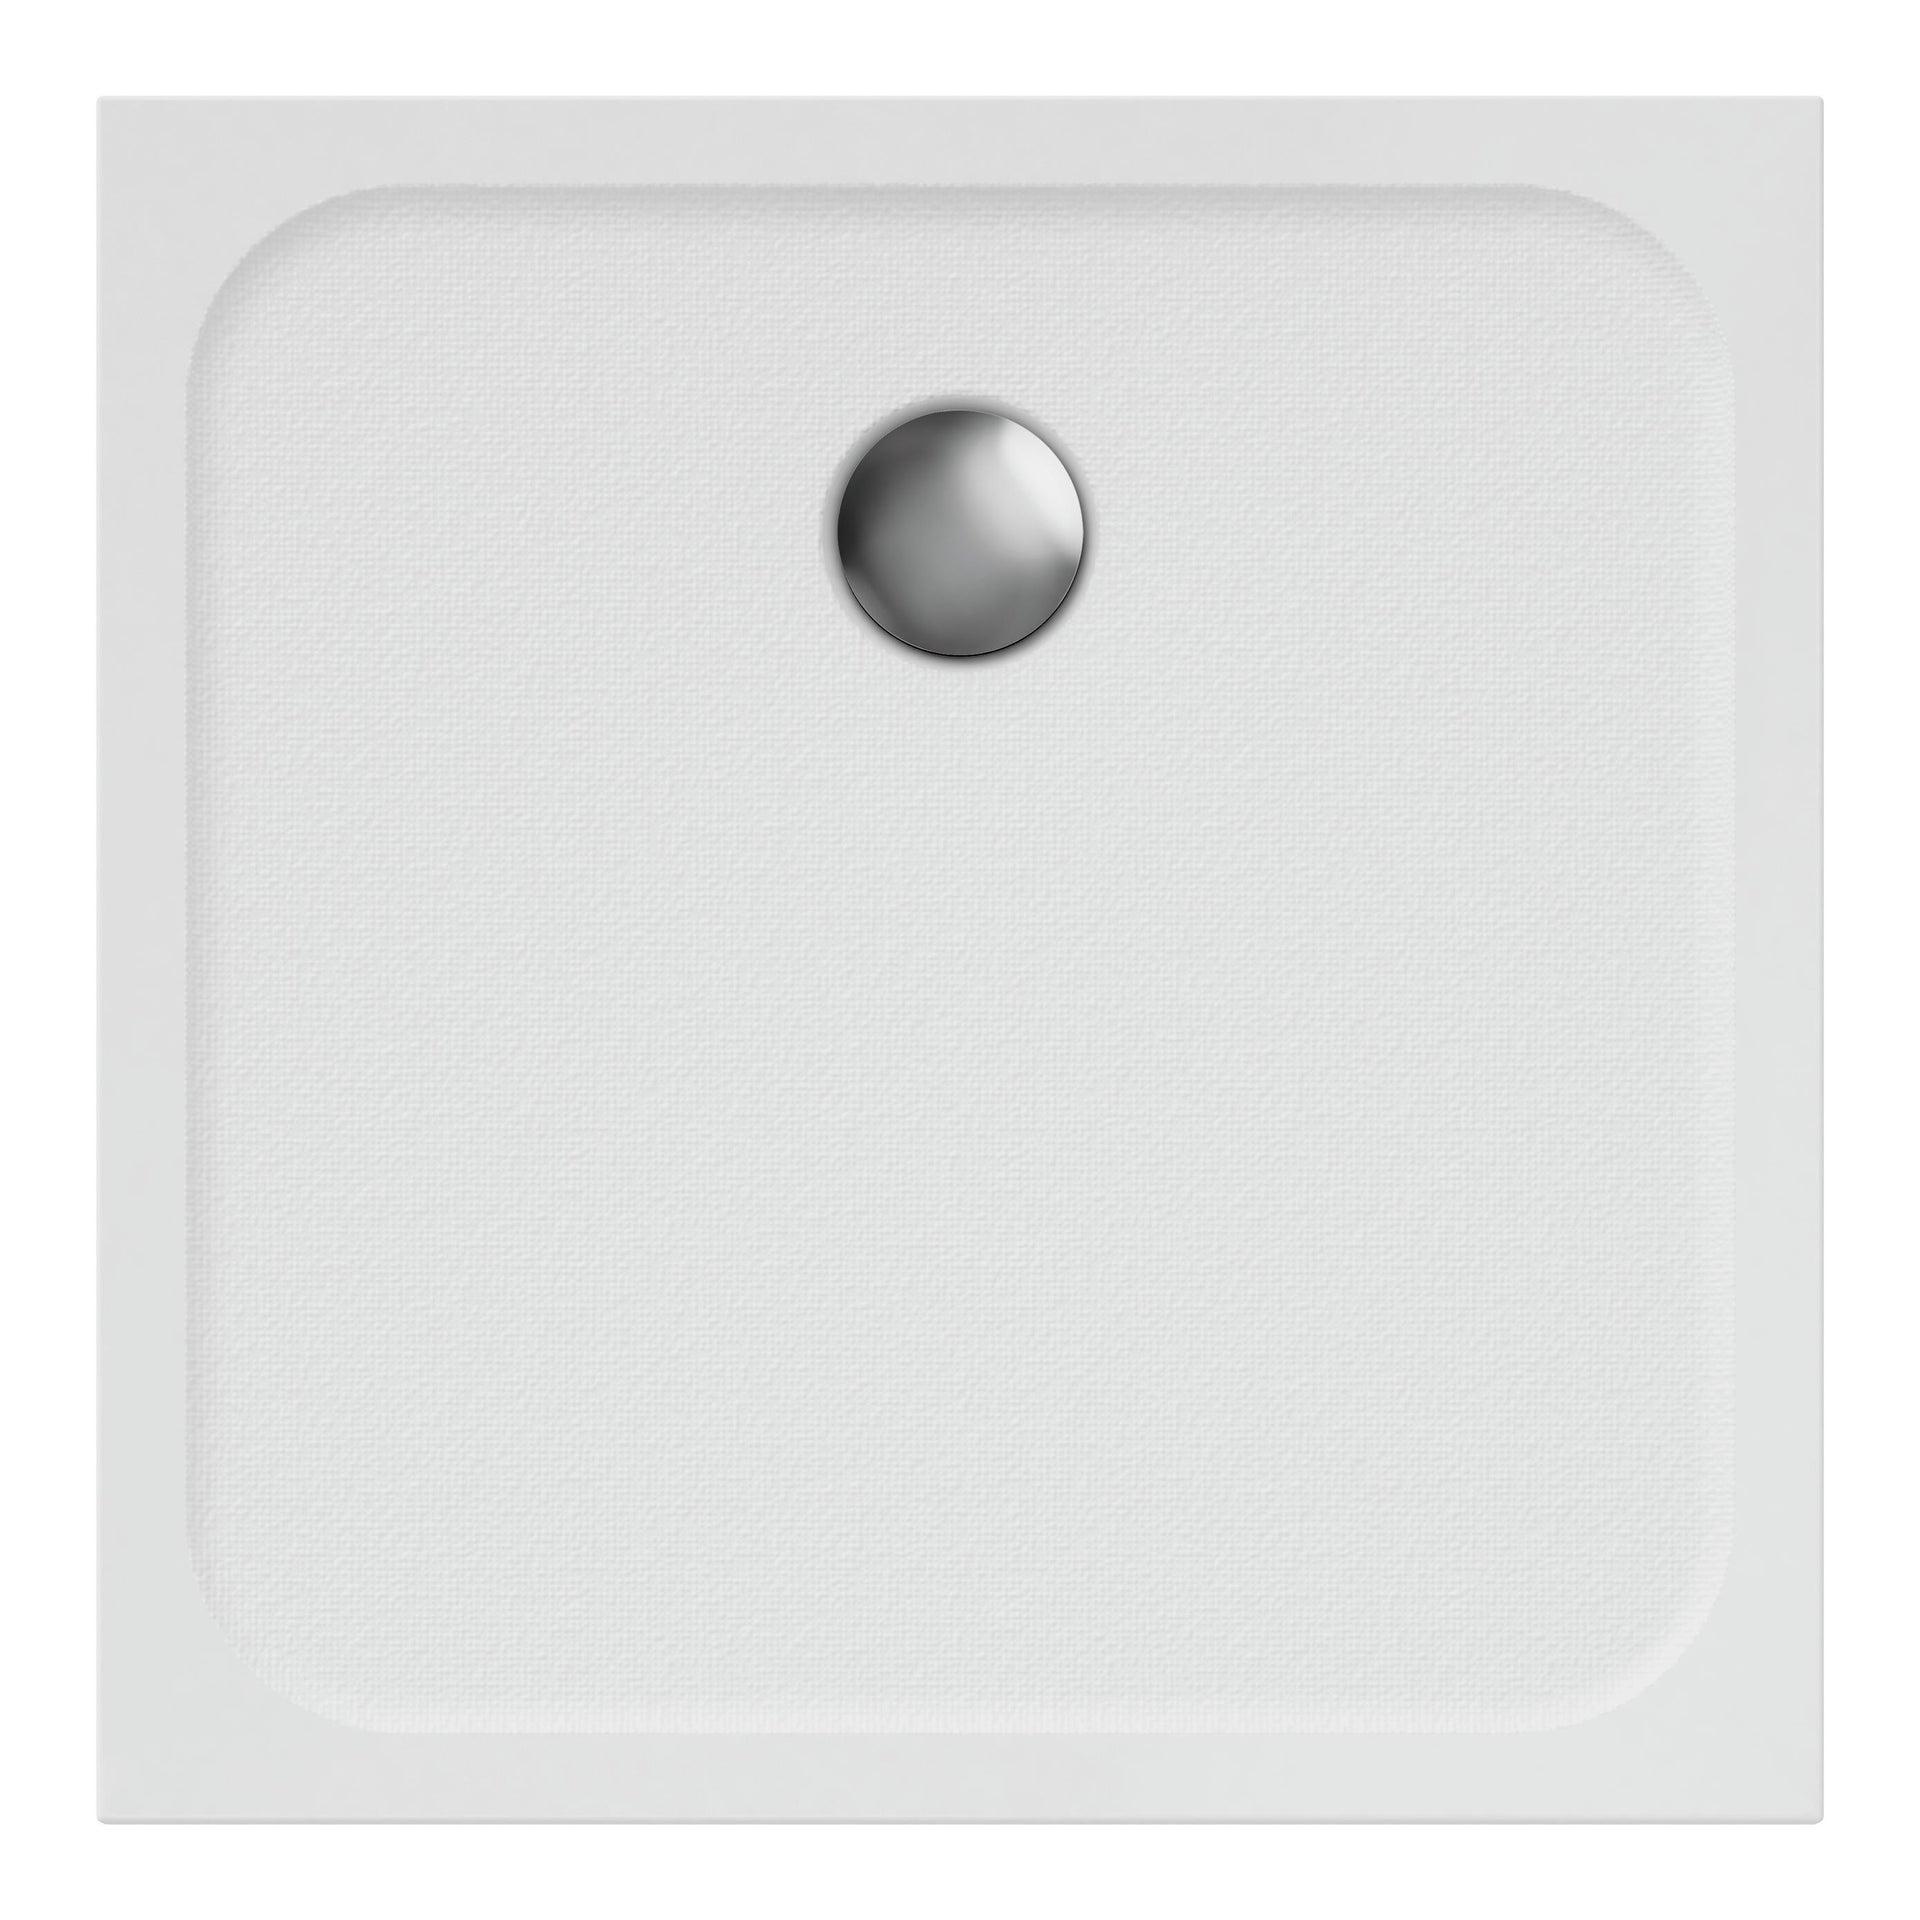 Piatto doccia resina sintetica e polvere di marmo Easy 80 x 80 cm bianco - 4